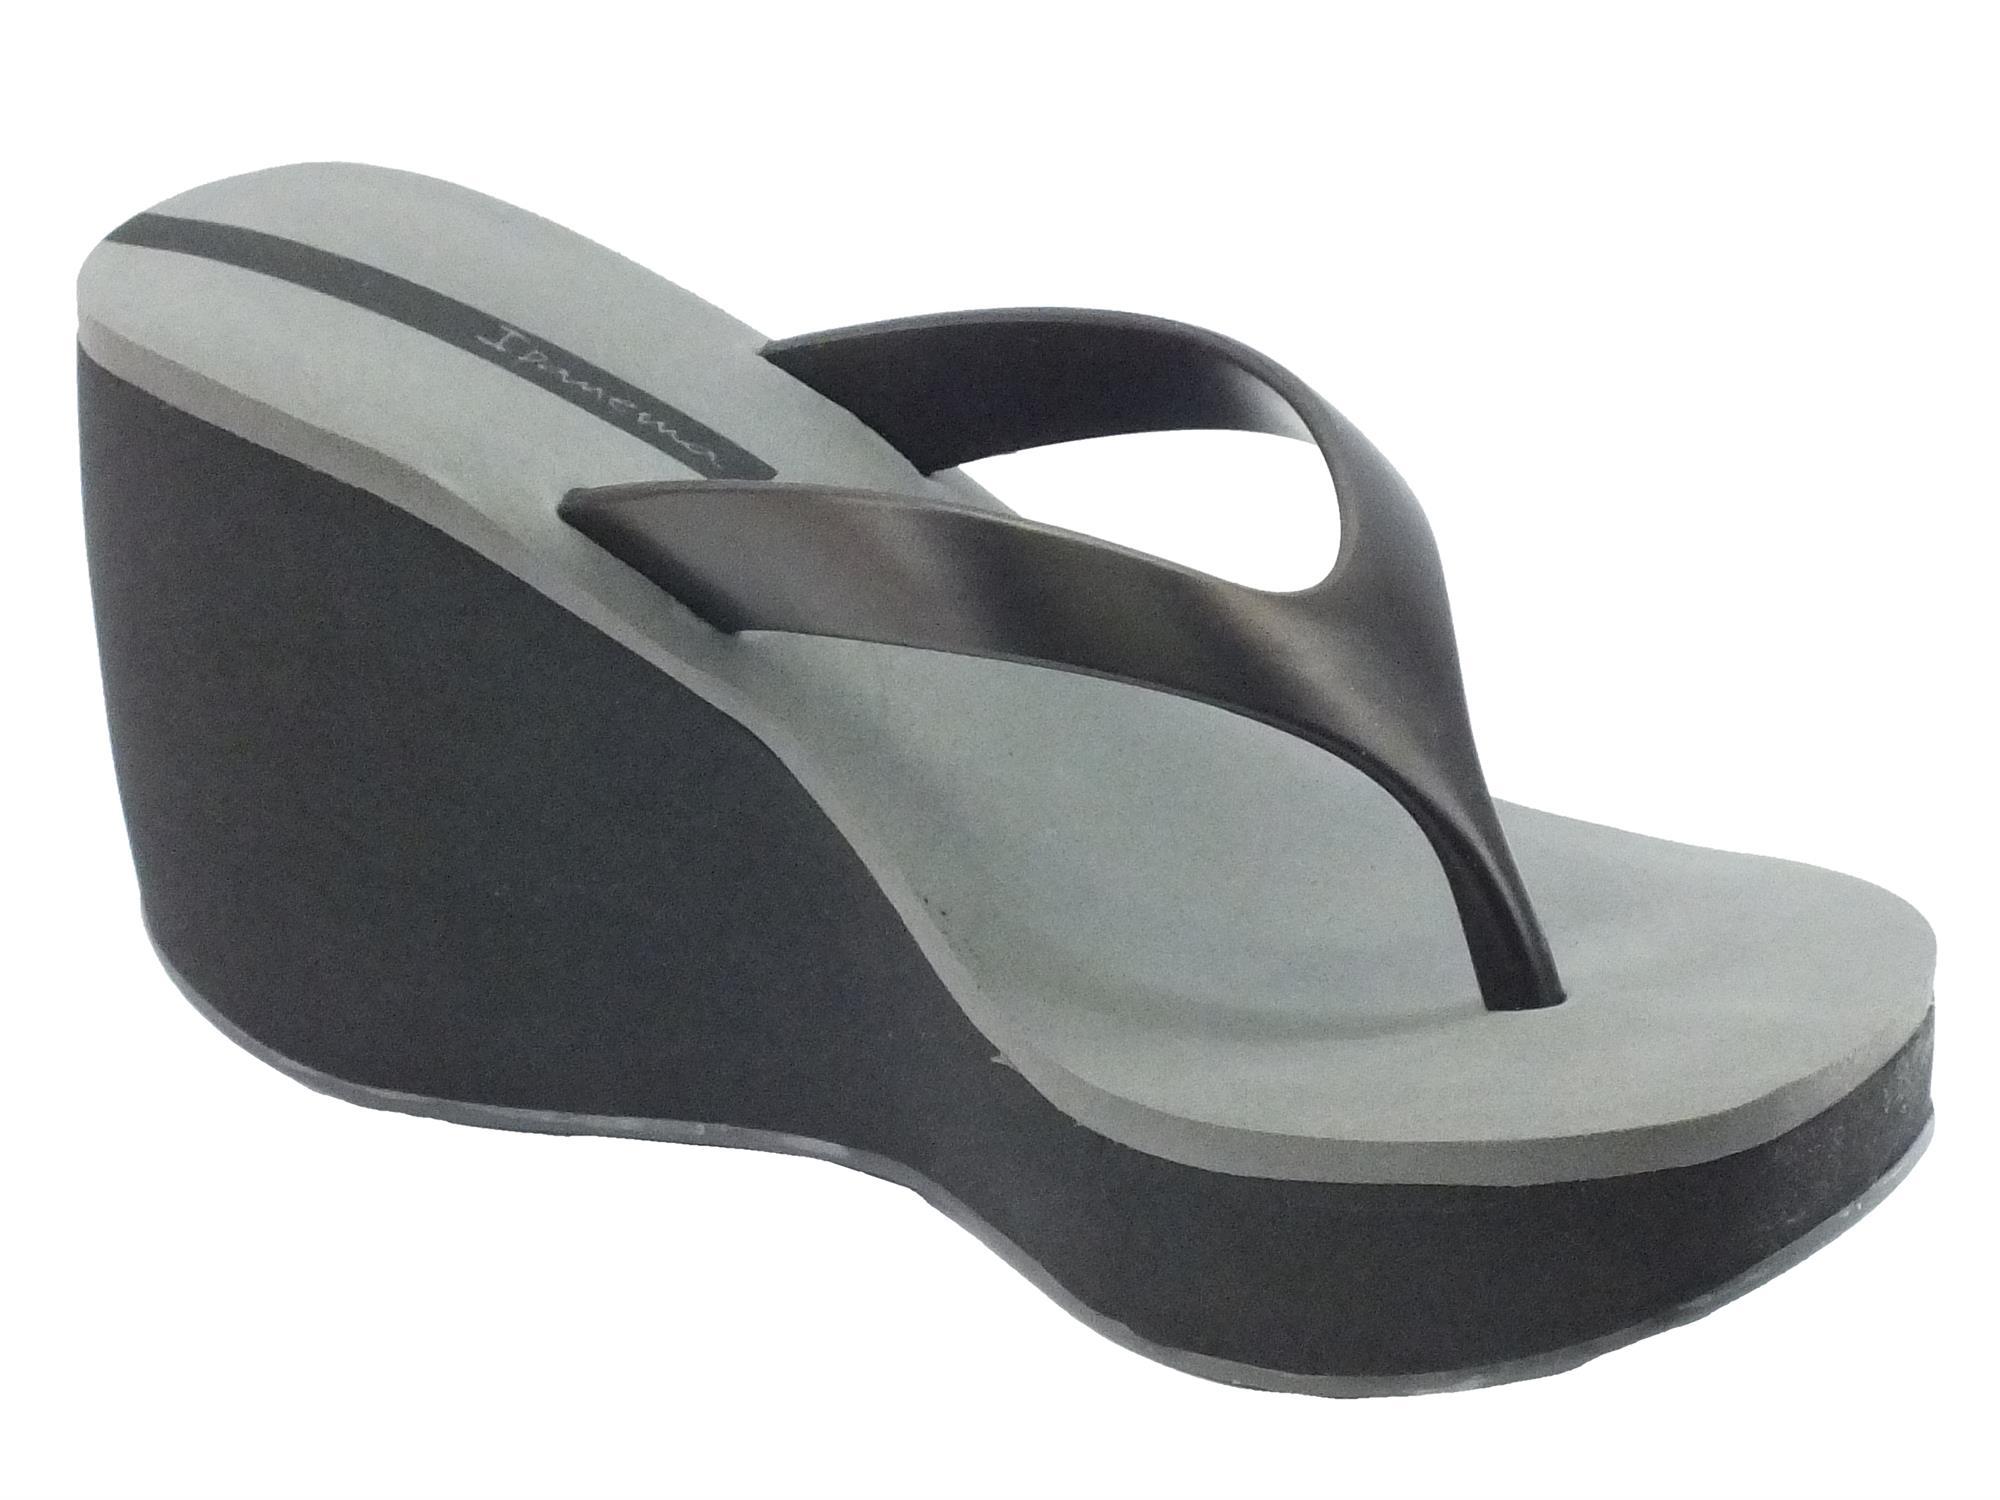 comprare moda di lusso servizio duraturo Infradito Ipanema Thong per donna in caucciù nero e grigio zeppa alta